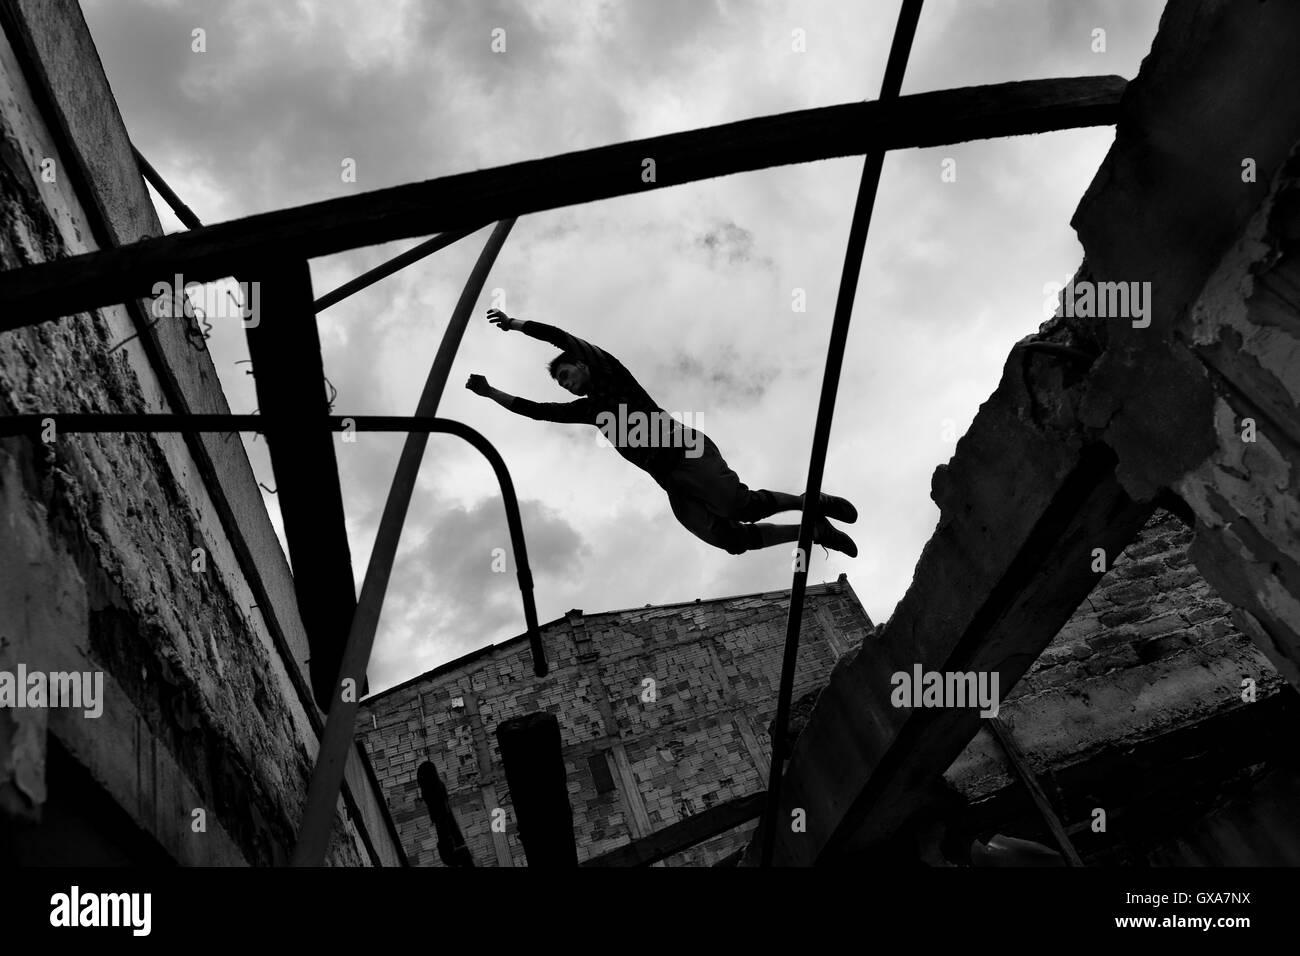 Un colombiano parkour runner salta sopra una intercapedine all'interno di una casa abbandonata durante la corsa Immagini Stock